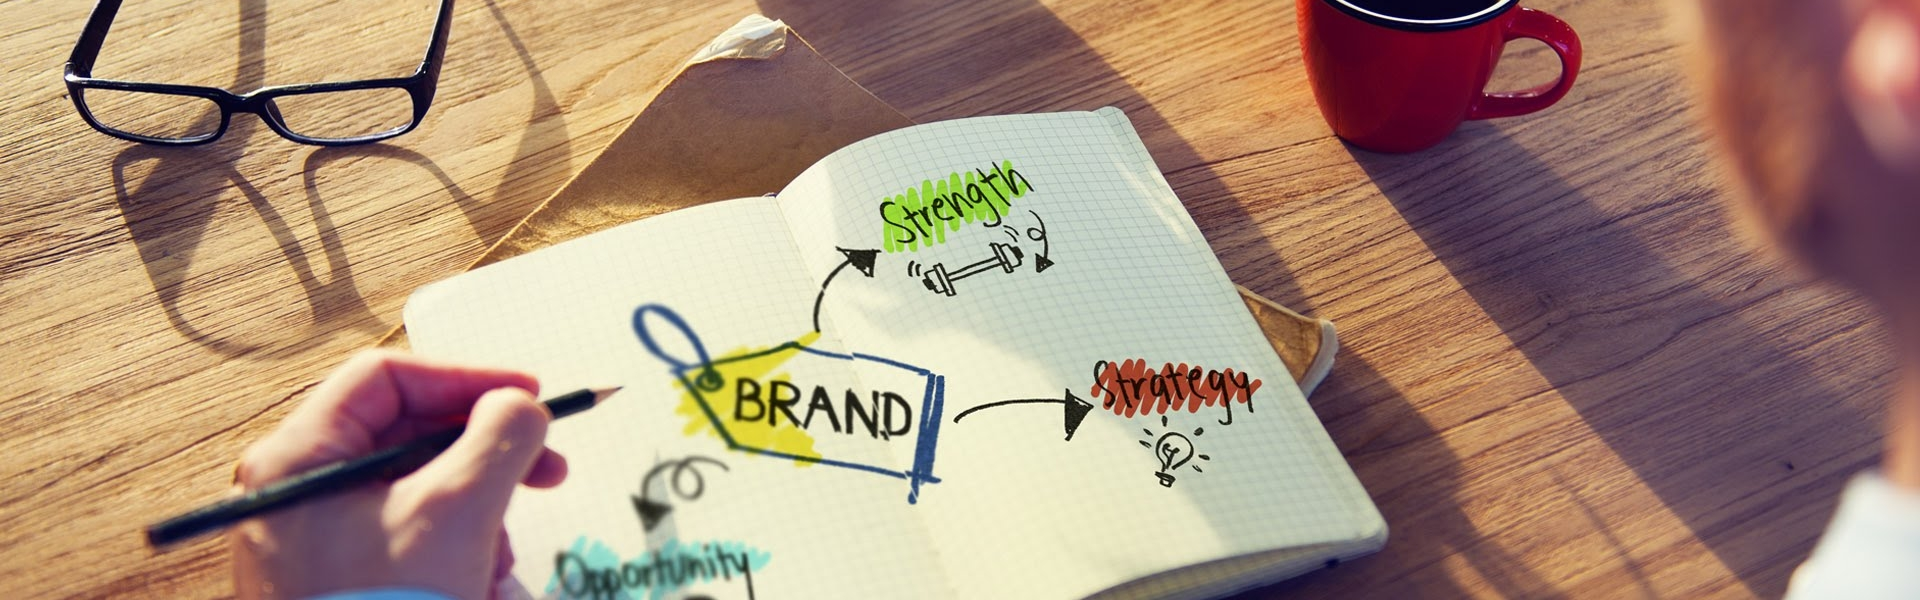 Как сделать бизнес в рекламе